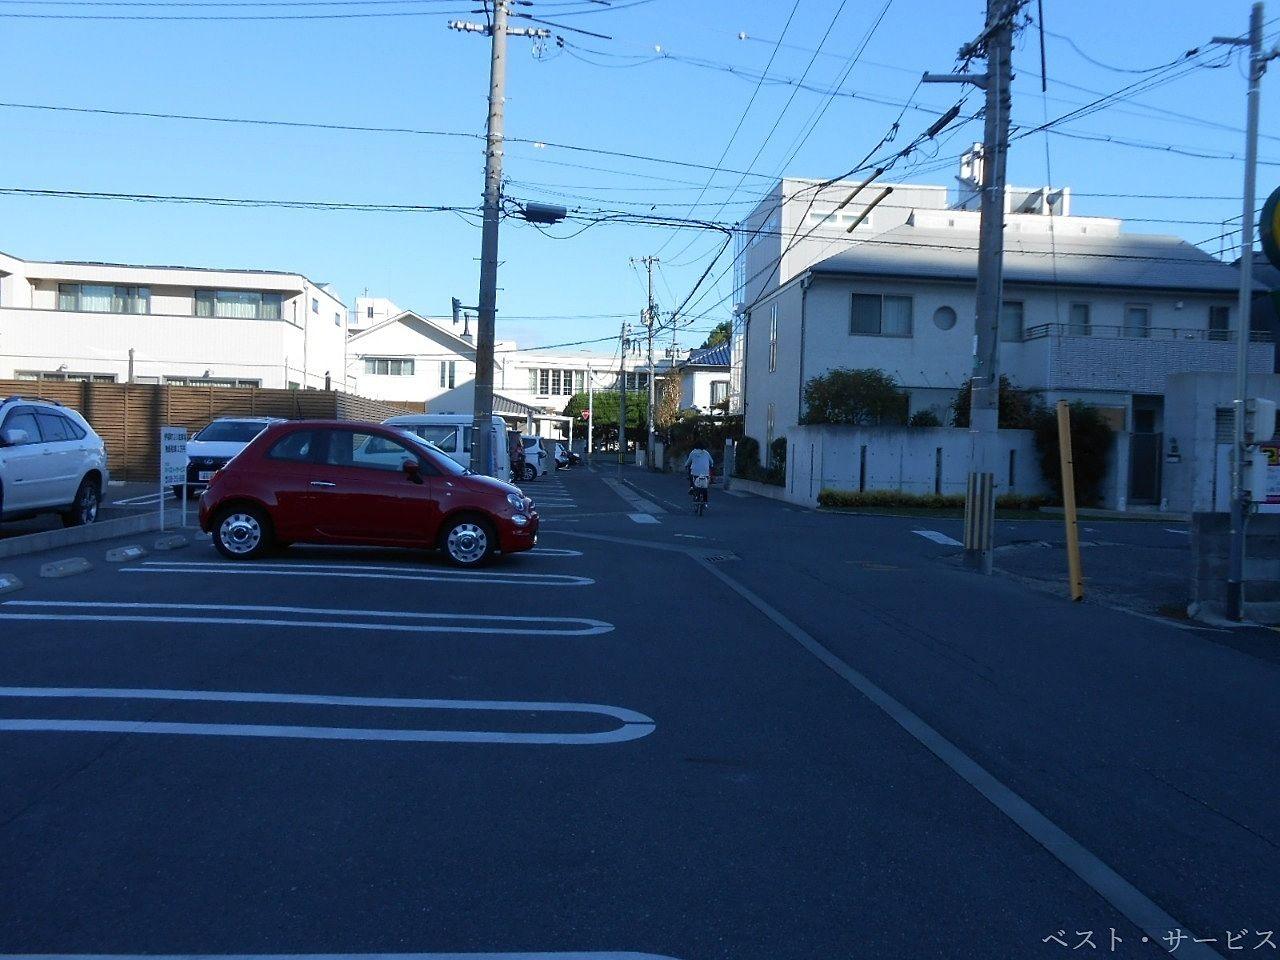 岡山駅周辺(徒歩10分圏内)の駐車場はほぼ満車状態です